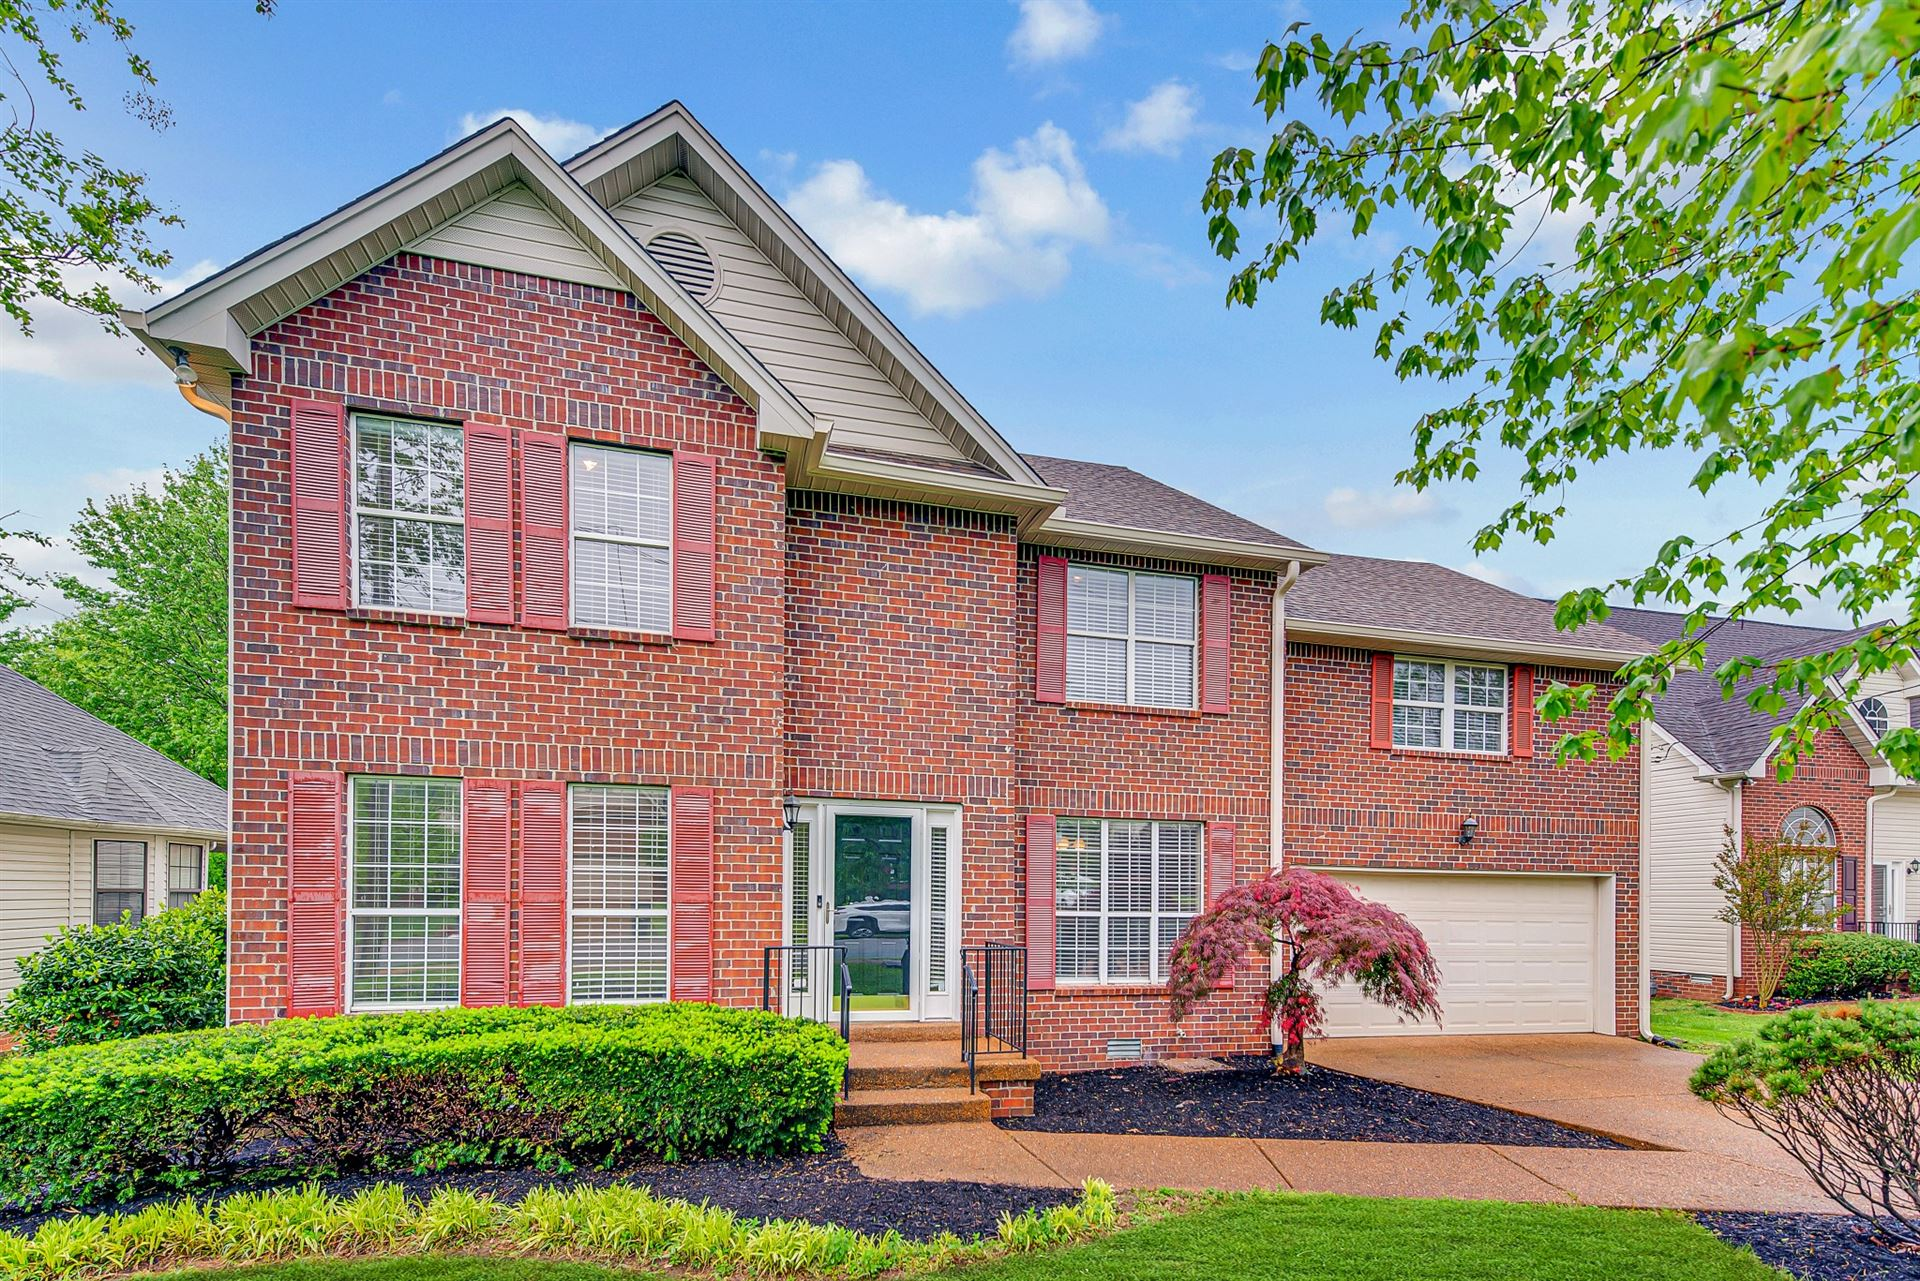 205 Holt Hills Rd, Nashville, TN 37211 - MLS#: 2249613